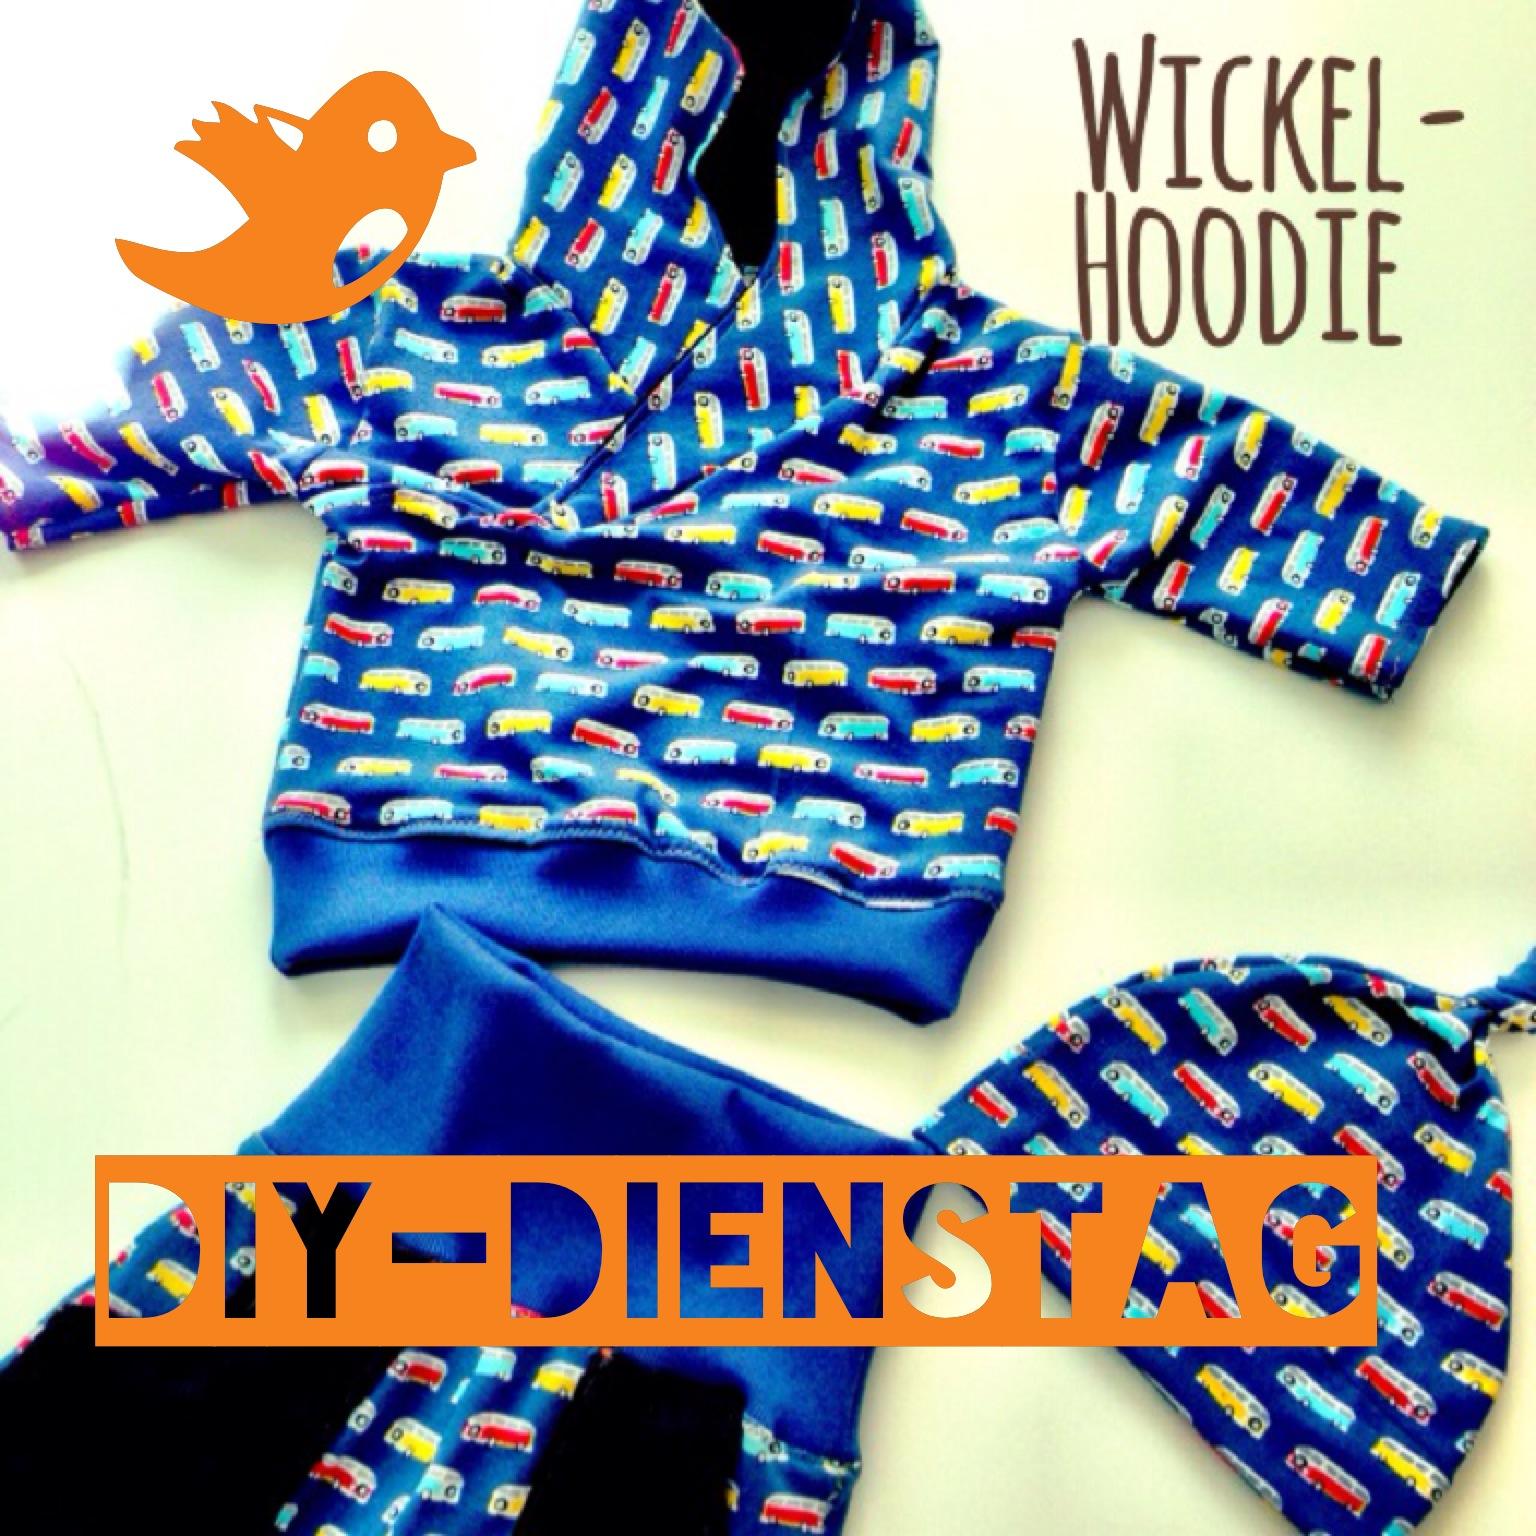 hei baby !: Wickel-Hoodie für die Kleinsten - DIY-Dienstag!